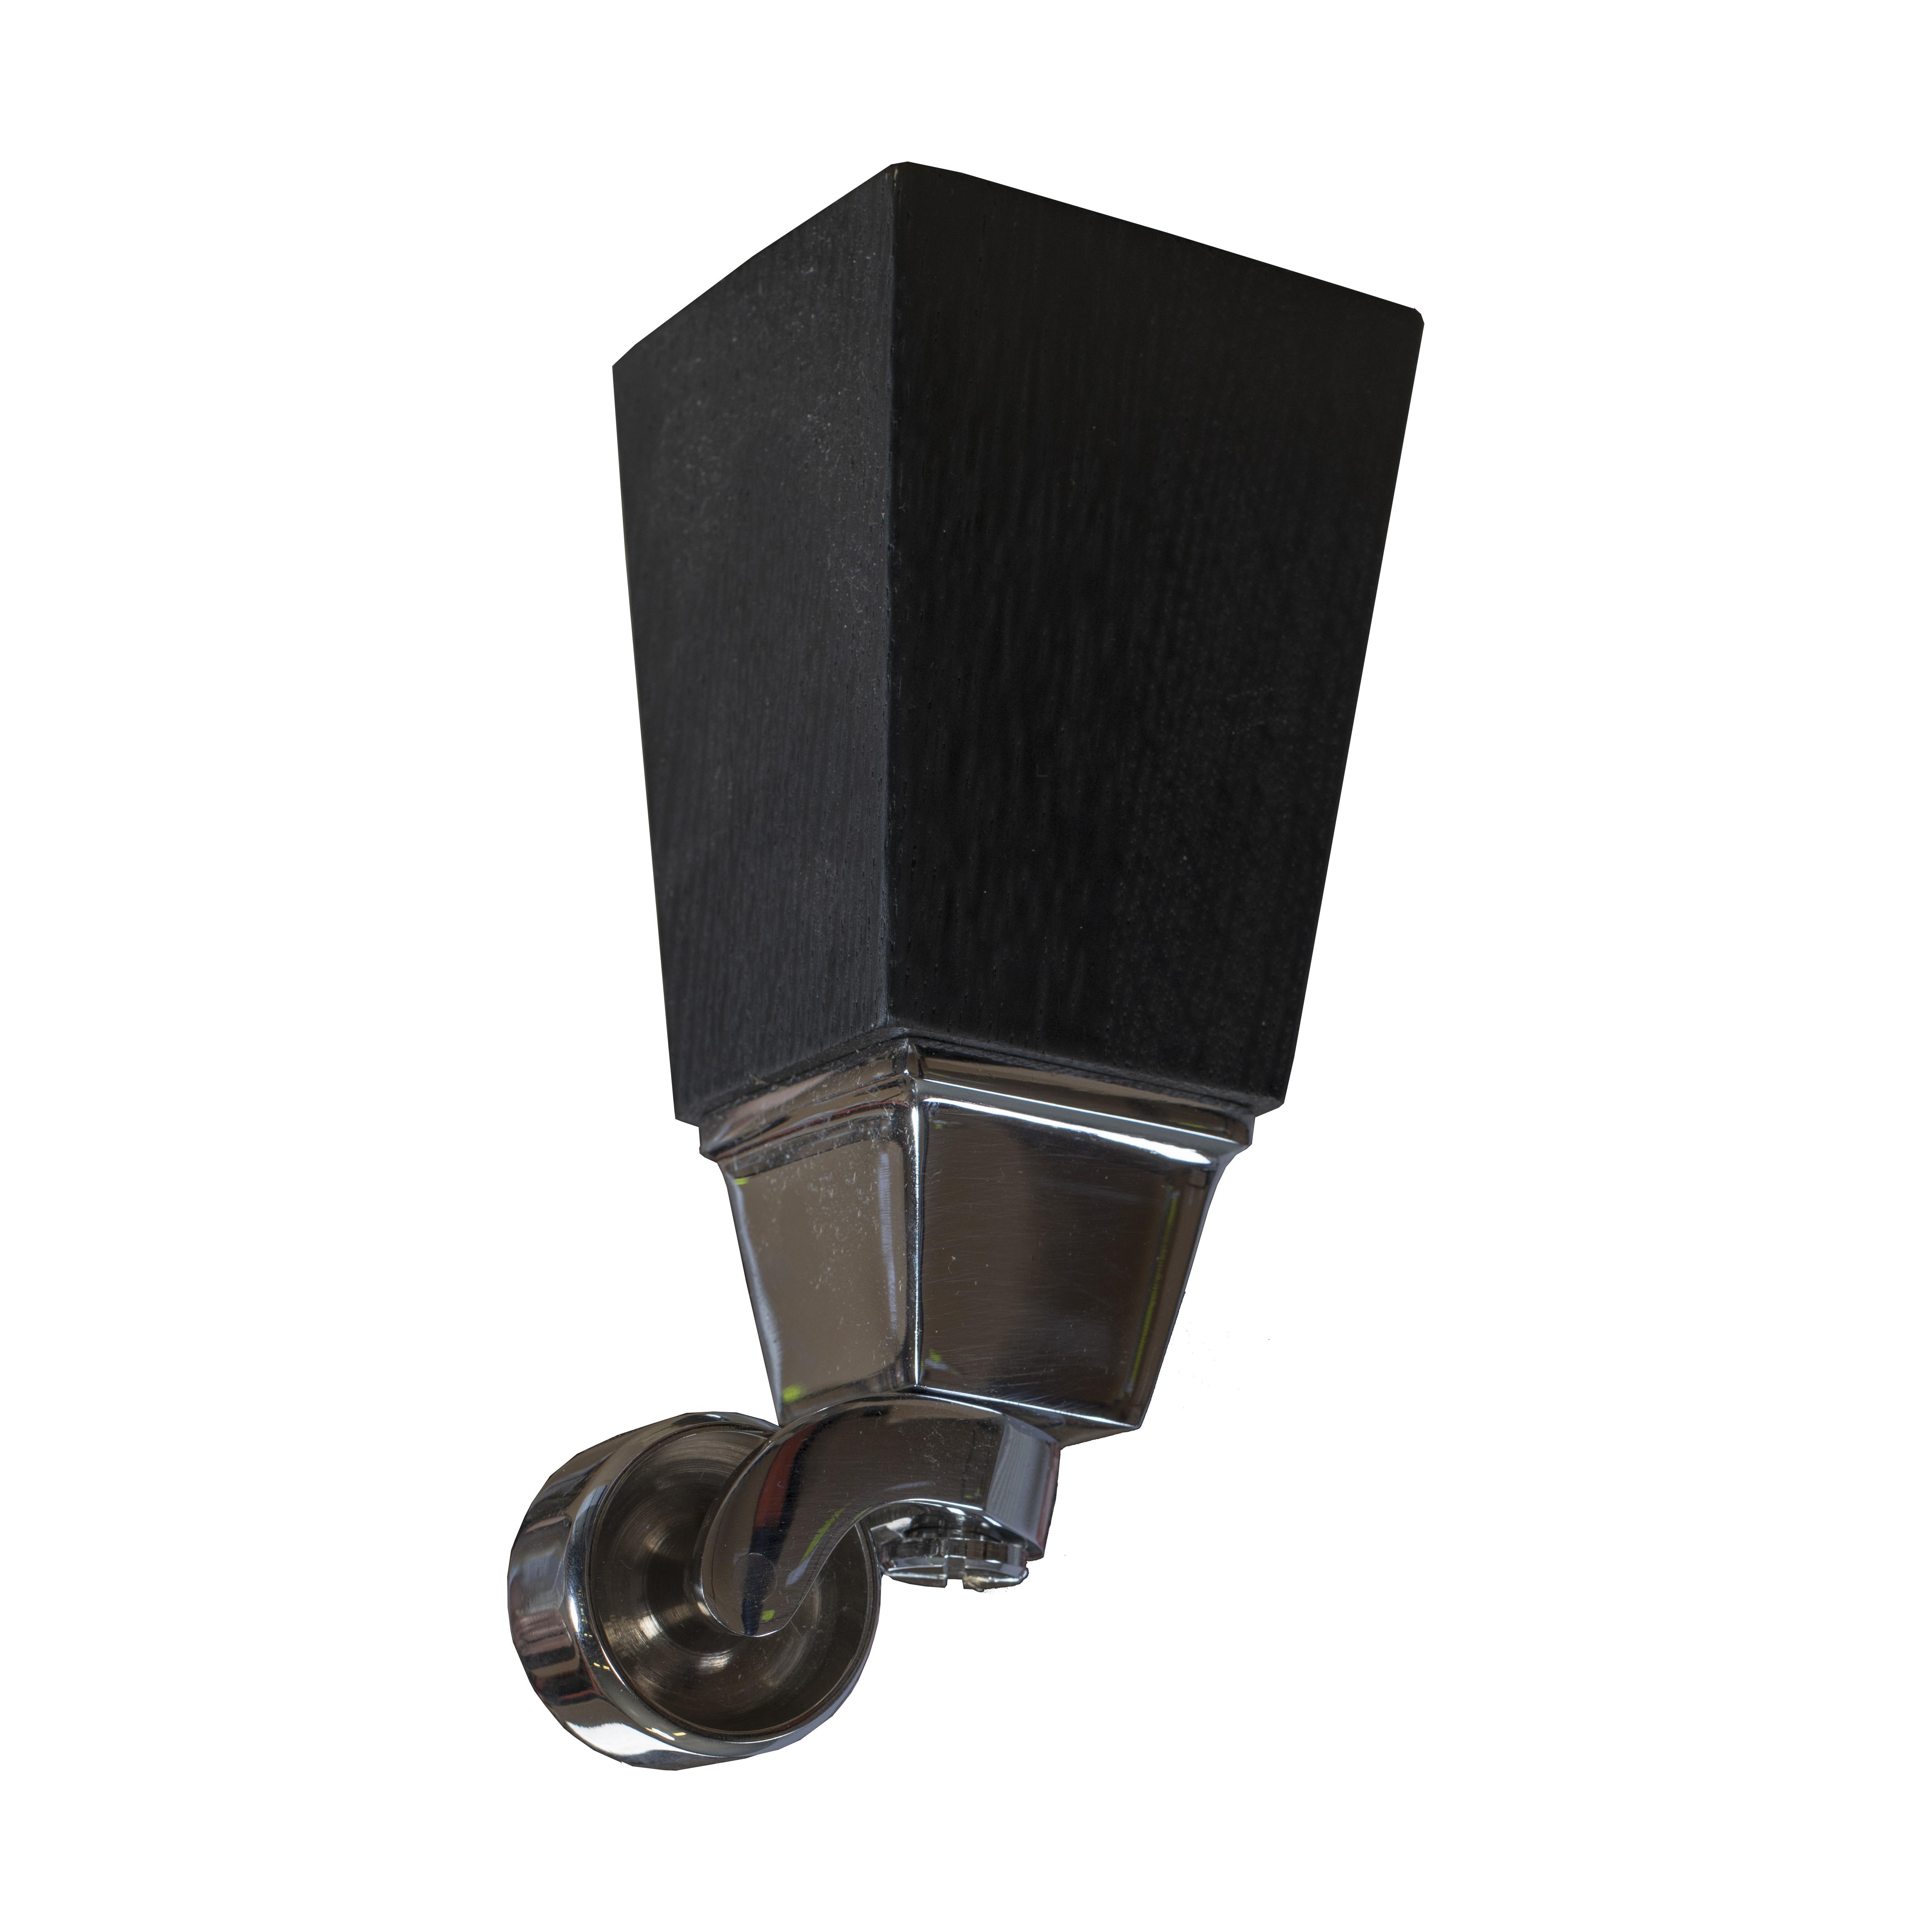 16 cm Carlton koniska ben i mörkbetsad ek med hjul i krom - englesson.se